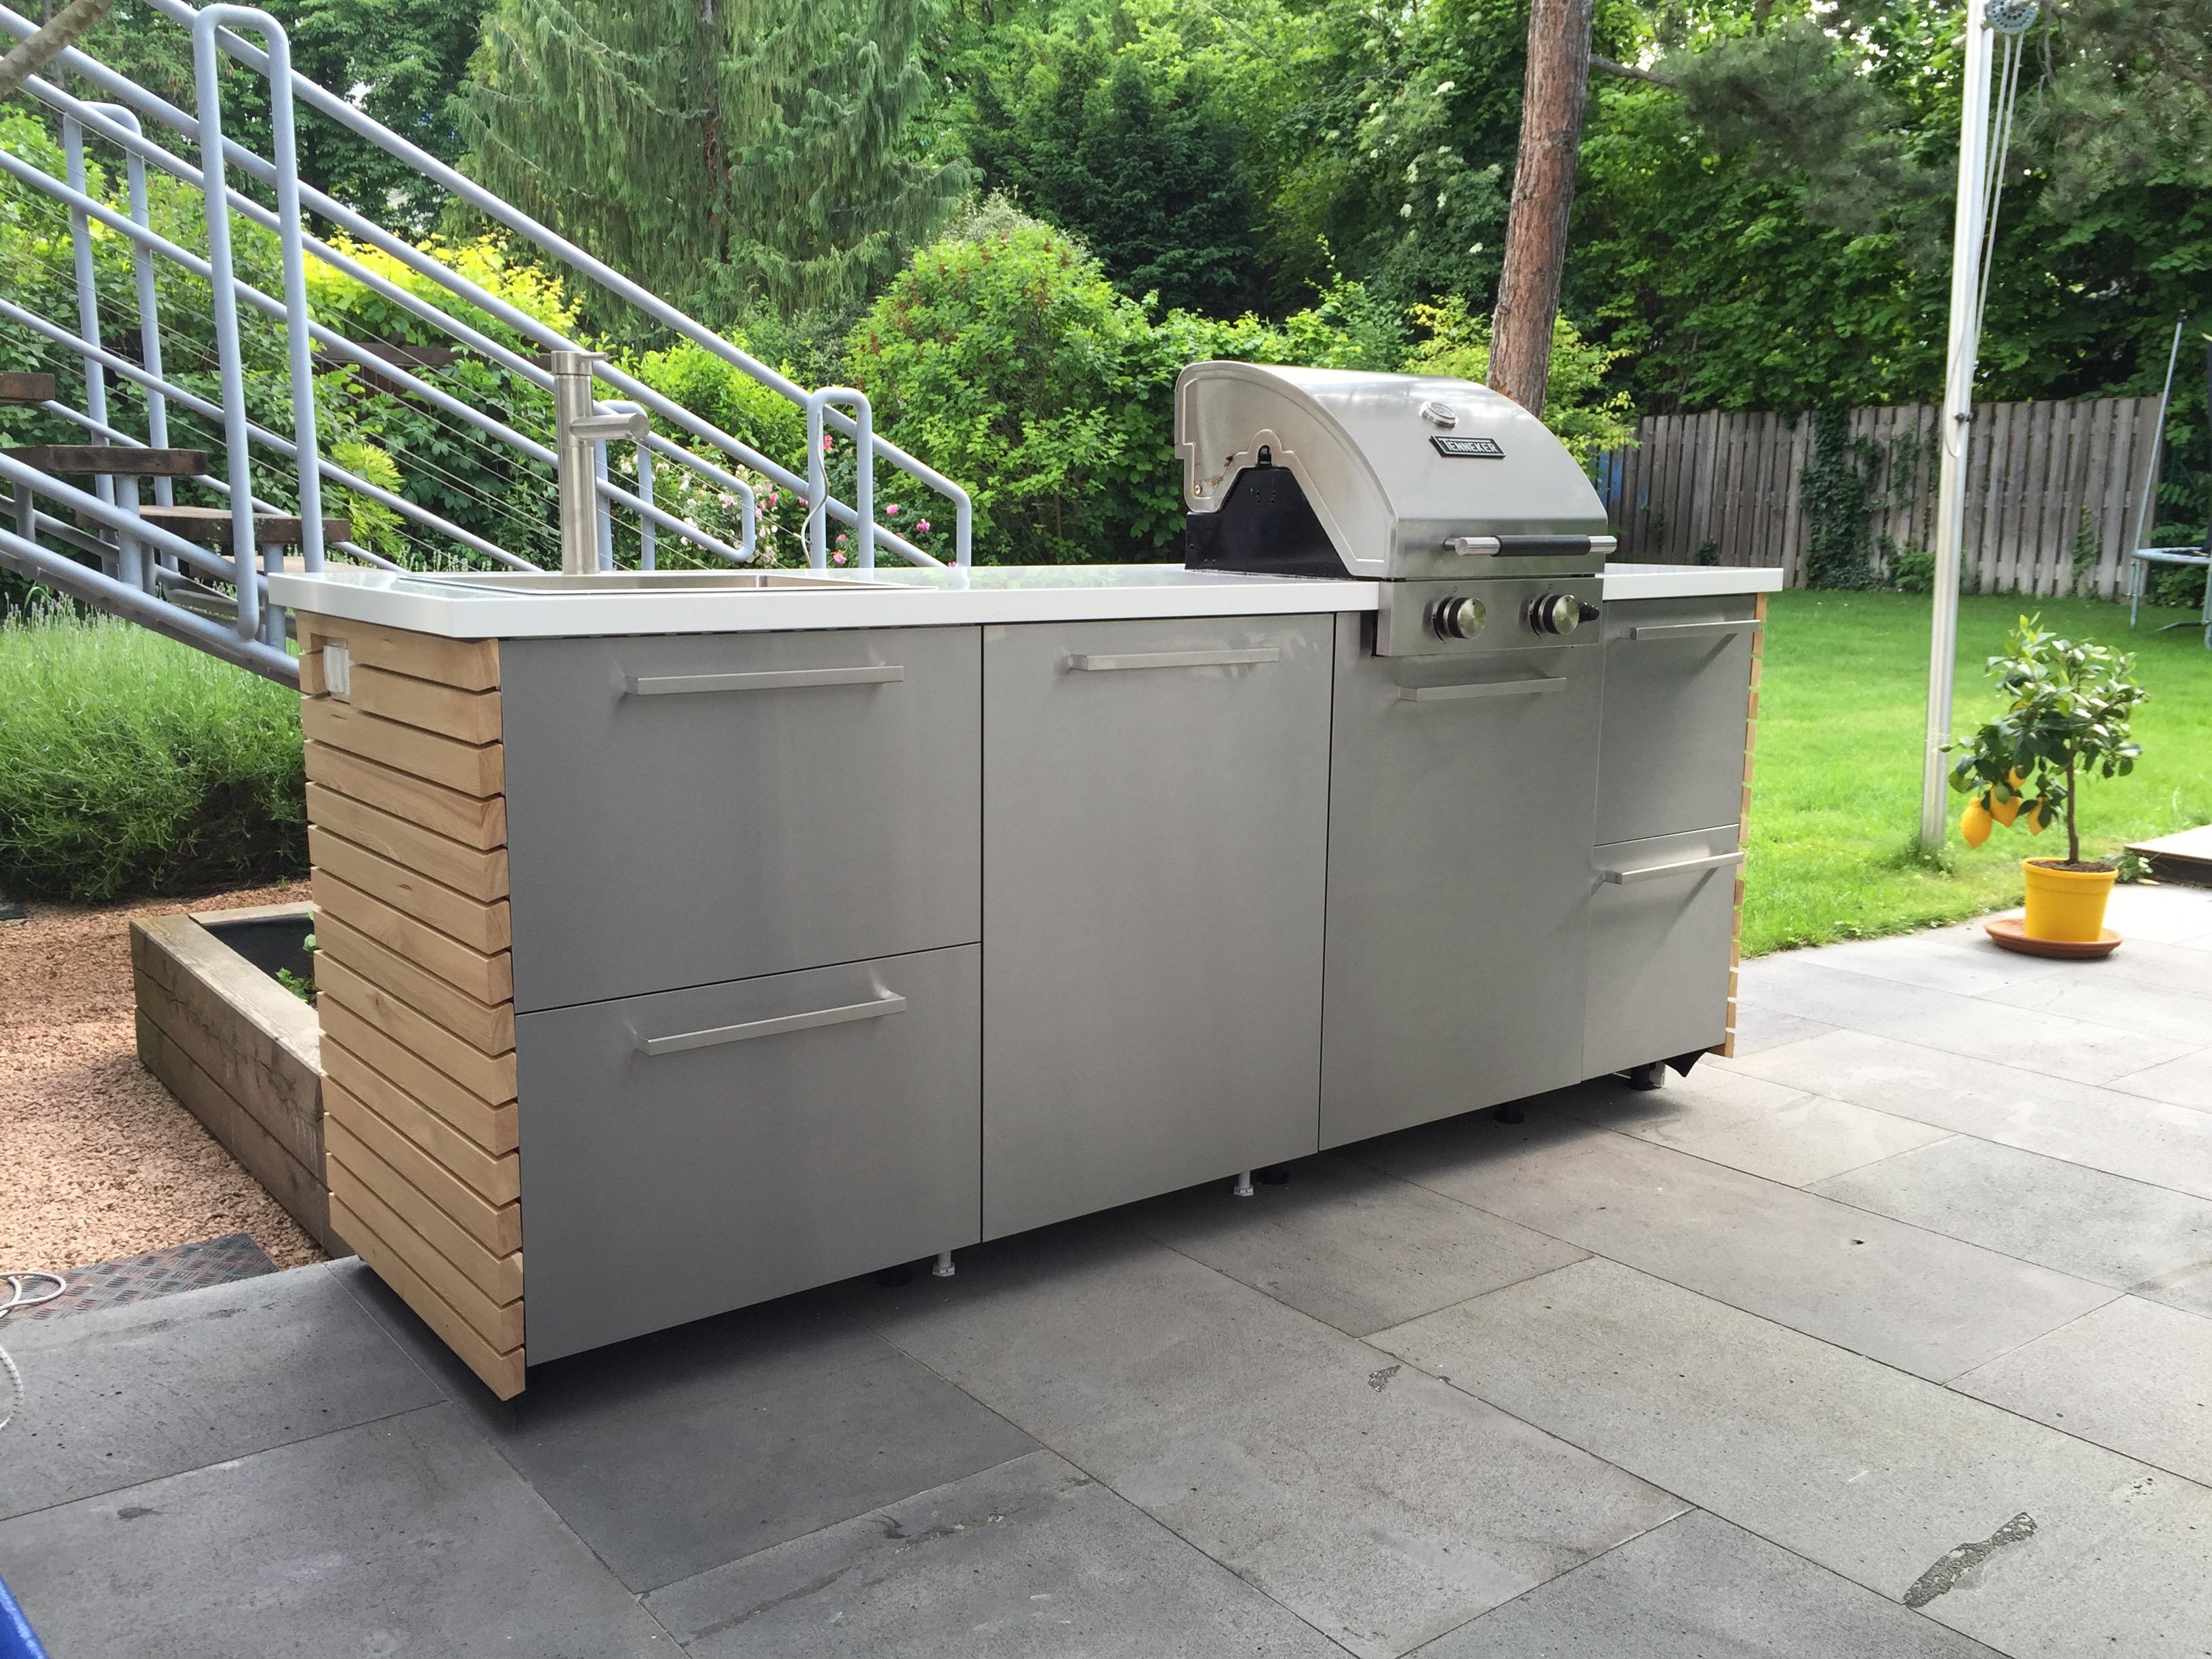 DIY Outdoorküche – Ikea Hack  Rut Morawetz